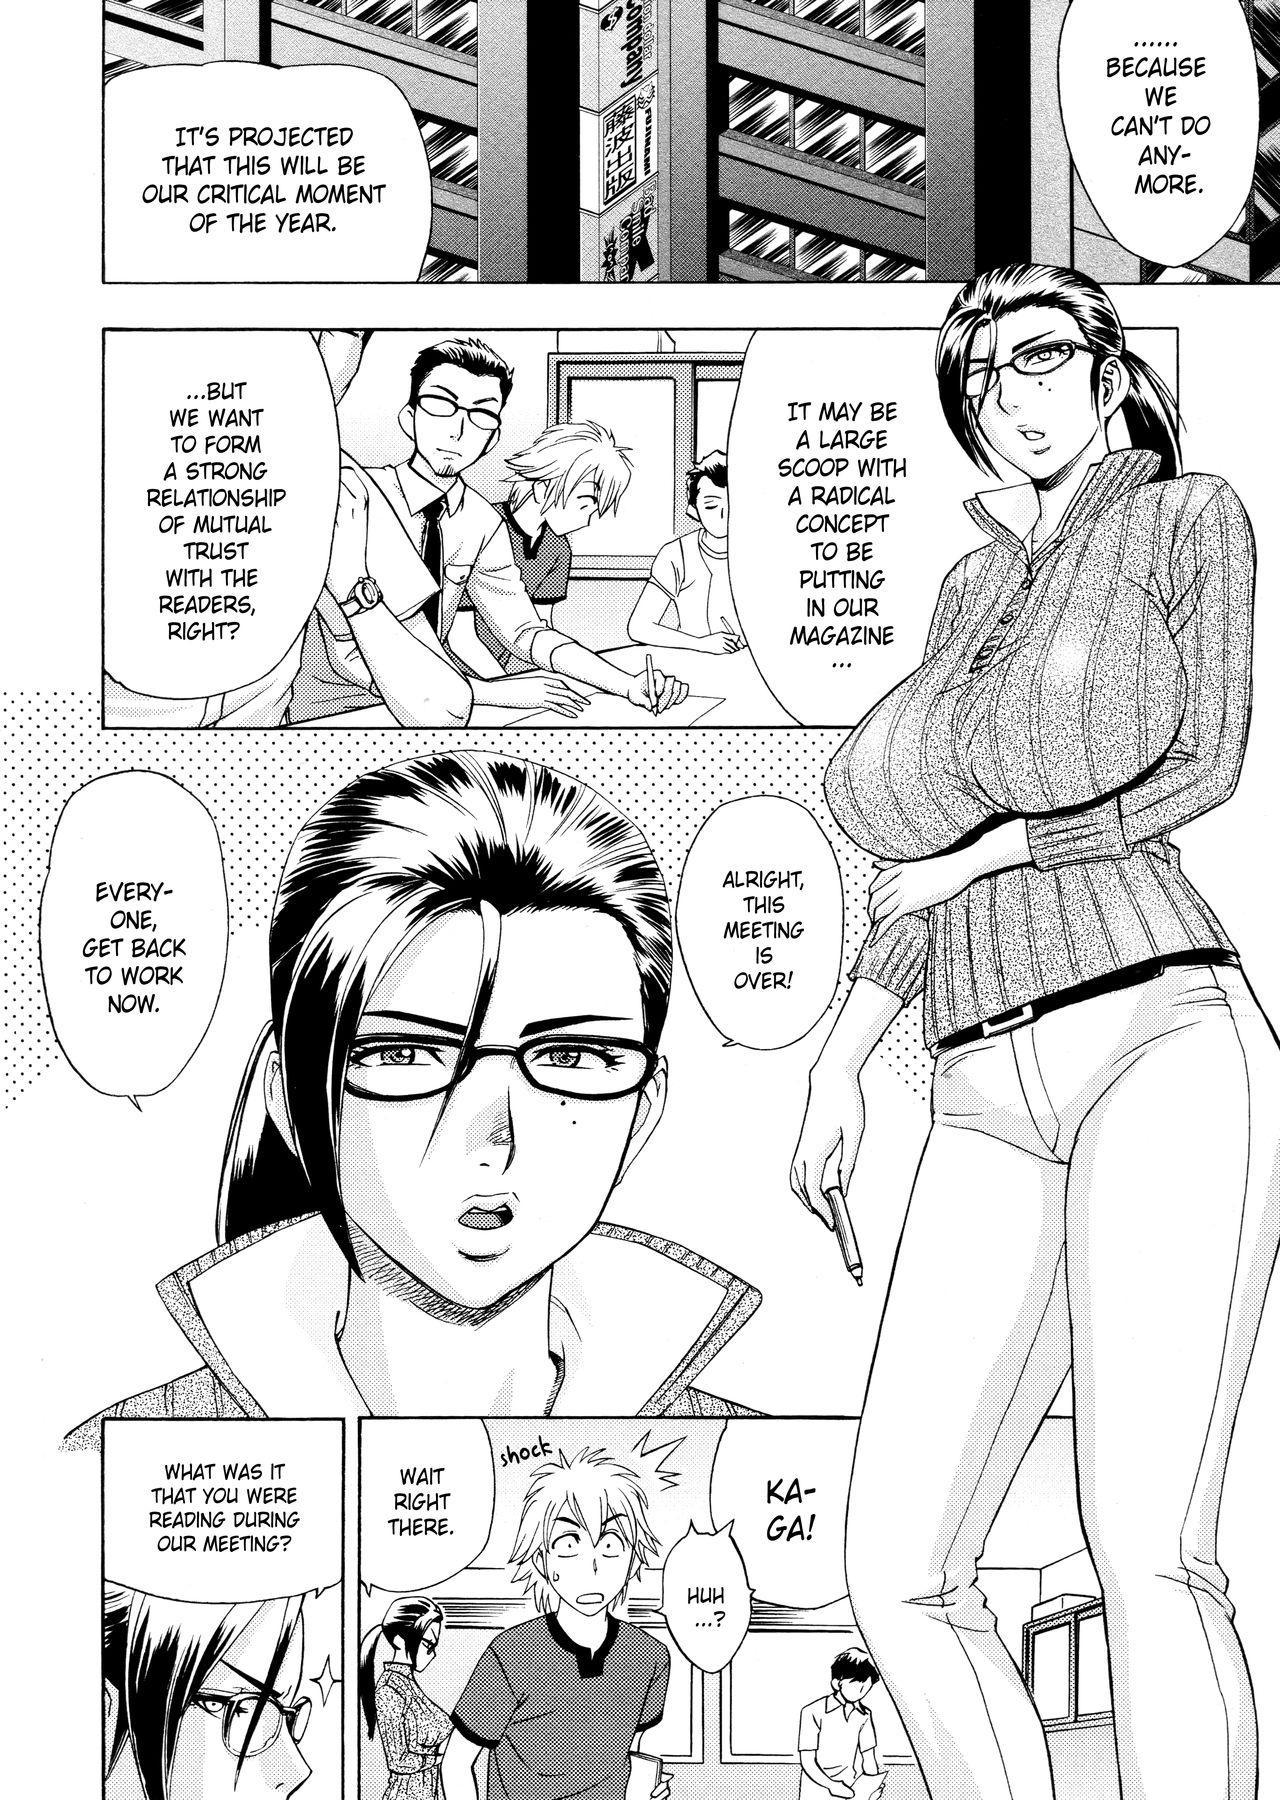 [Tatsunami Youtoku, Yamazaki Masato] Bijin Henshuu-chou no Himitsu | Beautiful Editor-in-Chief's Secret Ch. 1-3 [English] [Forbiddenfetish77, Red Vodka] [Decensored] 5